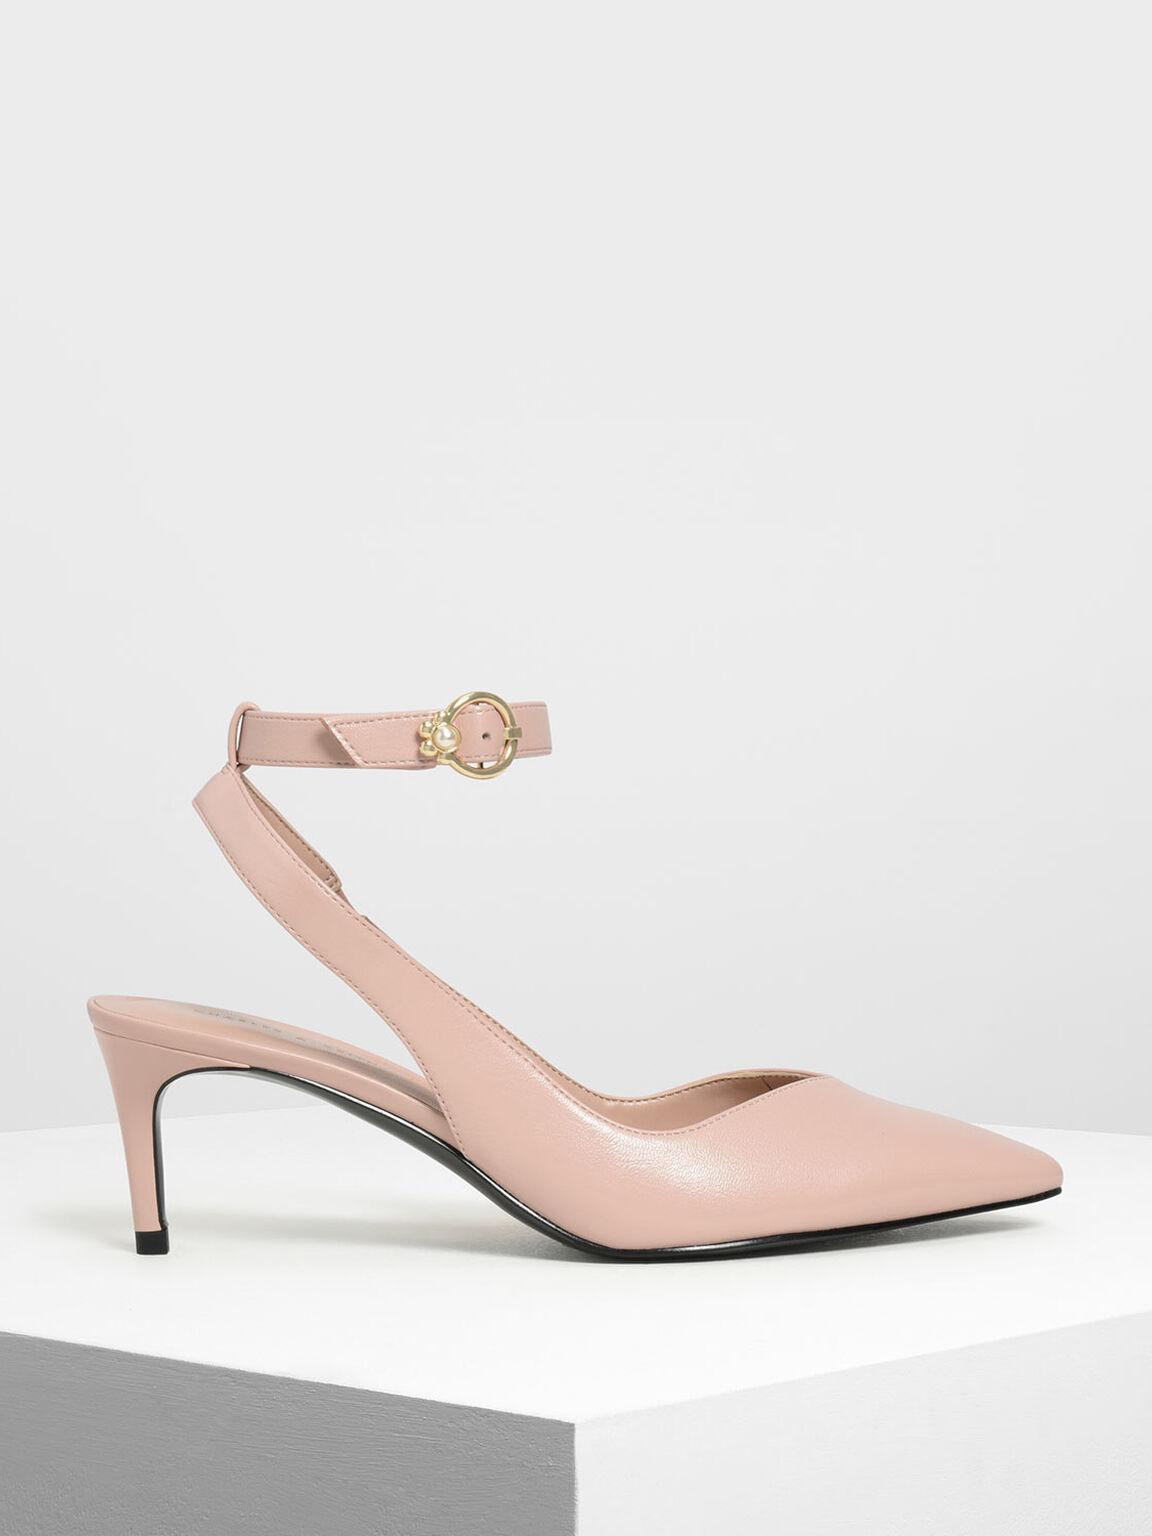 鑲嵌珍珠繞踝跟鞋, 蜜桃色, hi-res